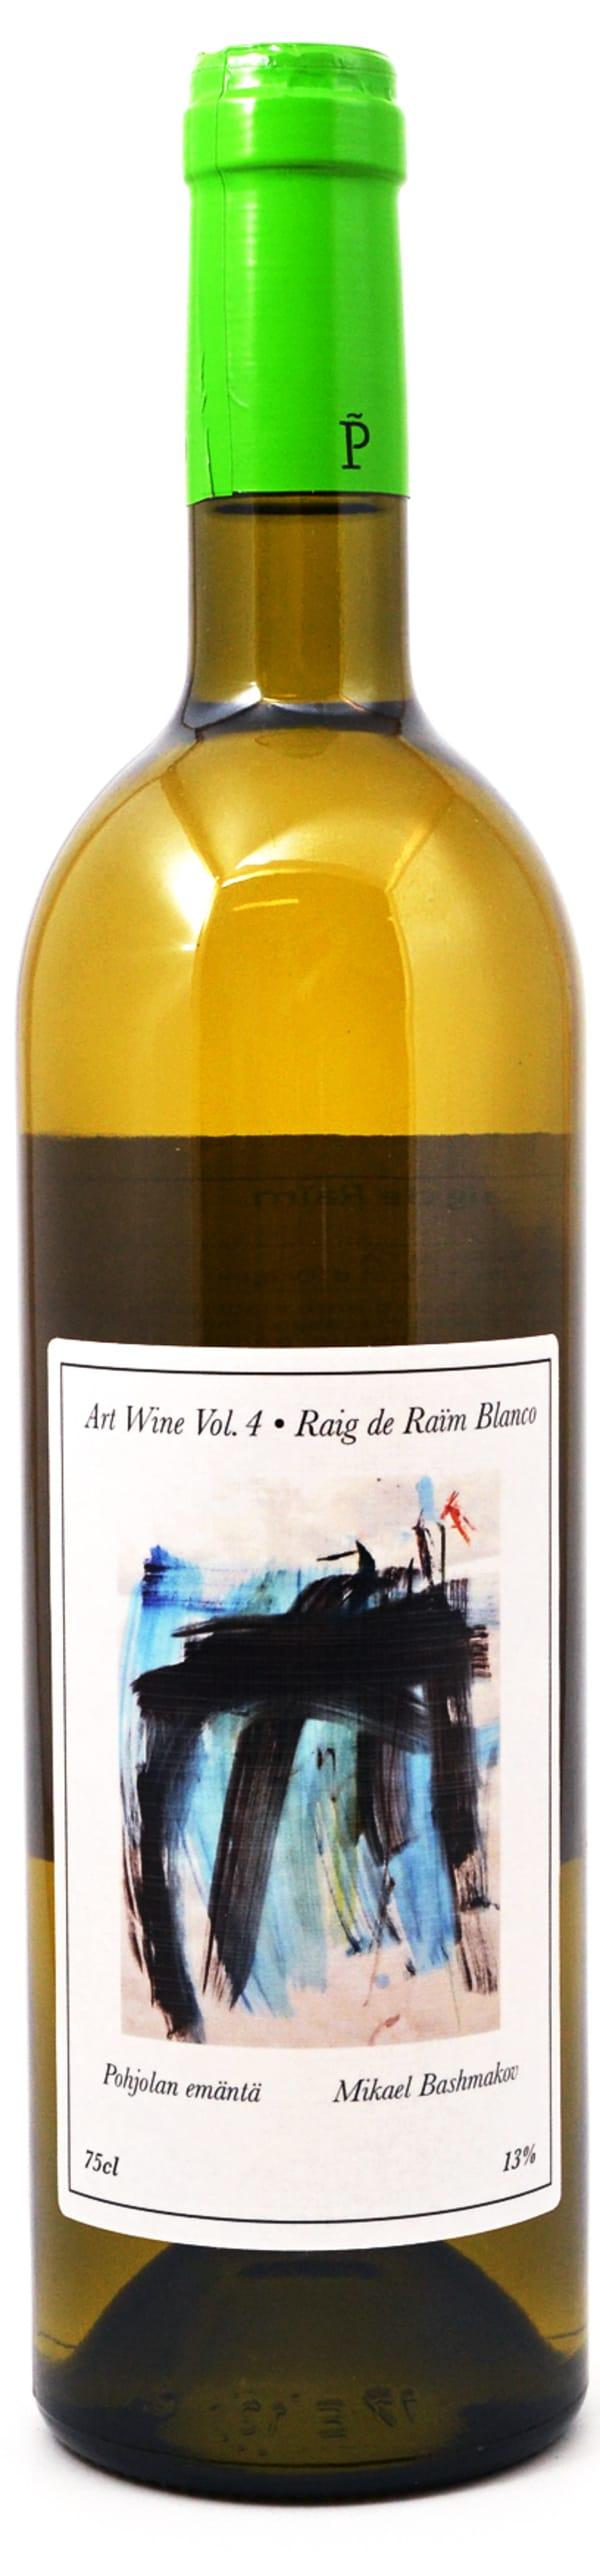 Raig de Raim Art Wine Vol. 4